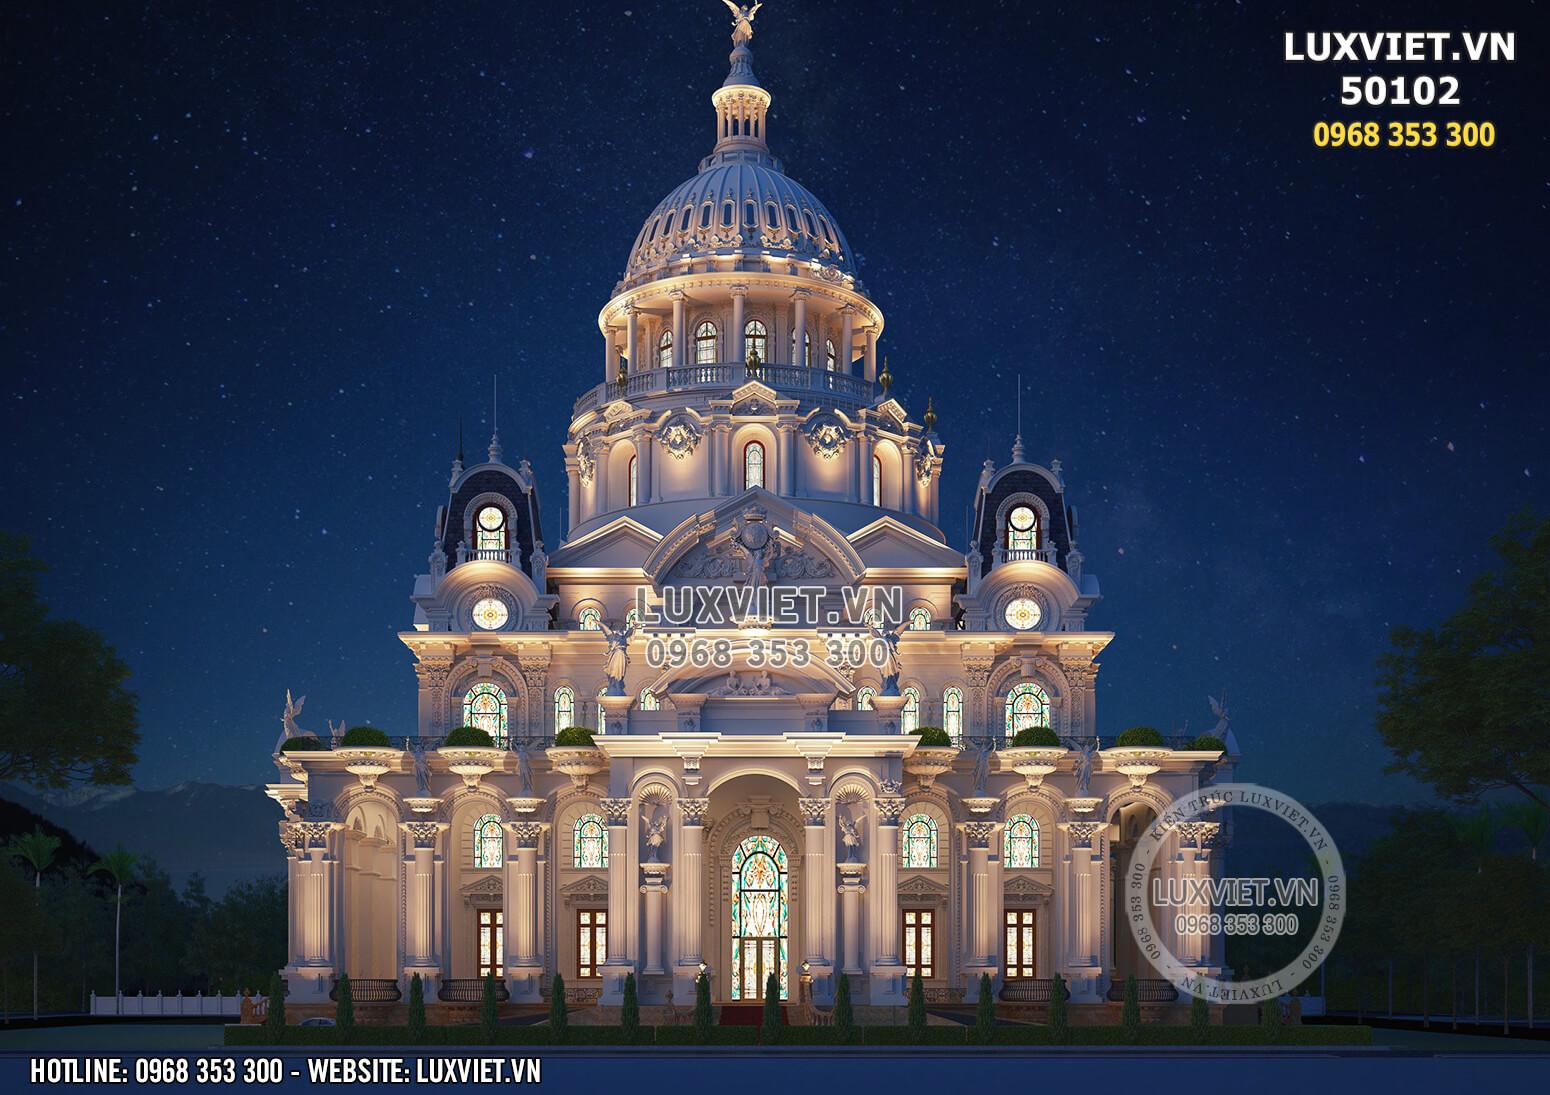 Hình ảnh: Thiết kế siêu lâu đài dinh thự lớn nhất Việt Nam - LV 50102